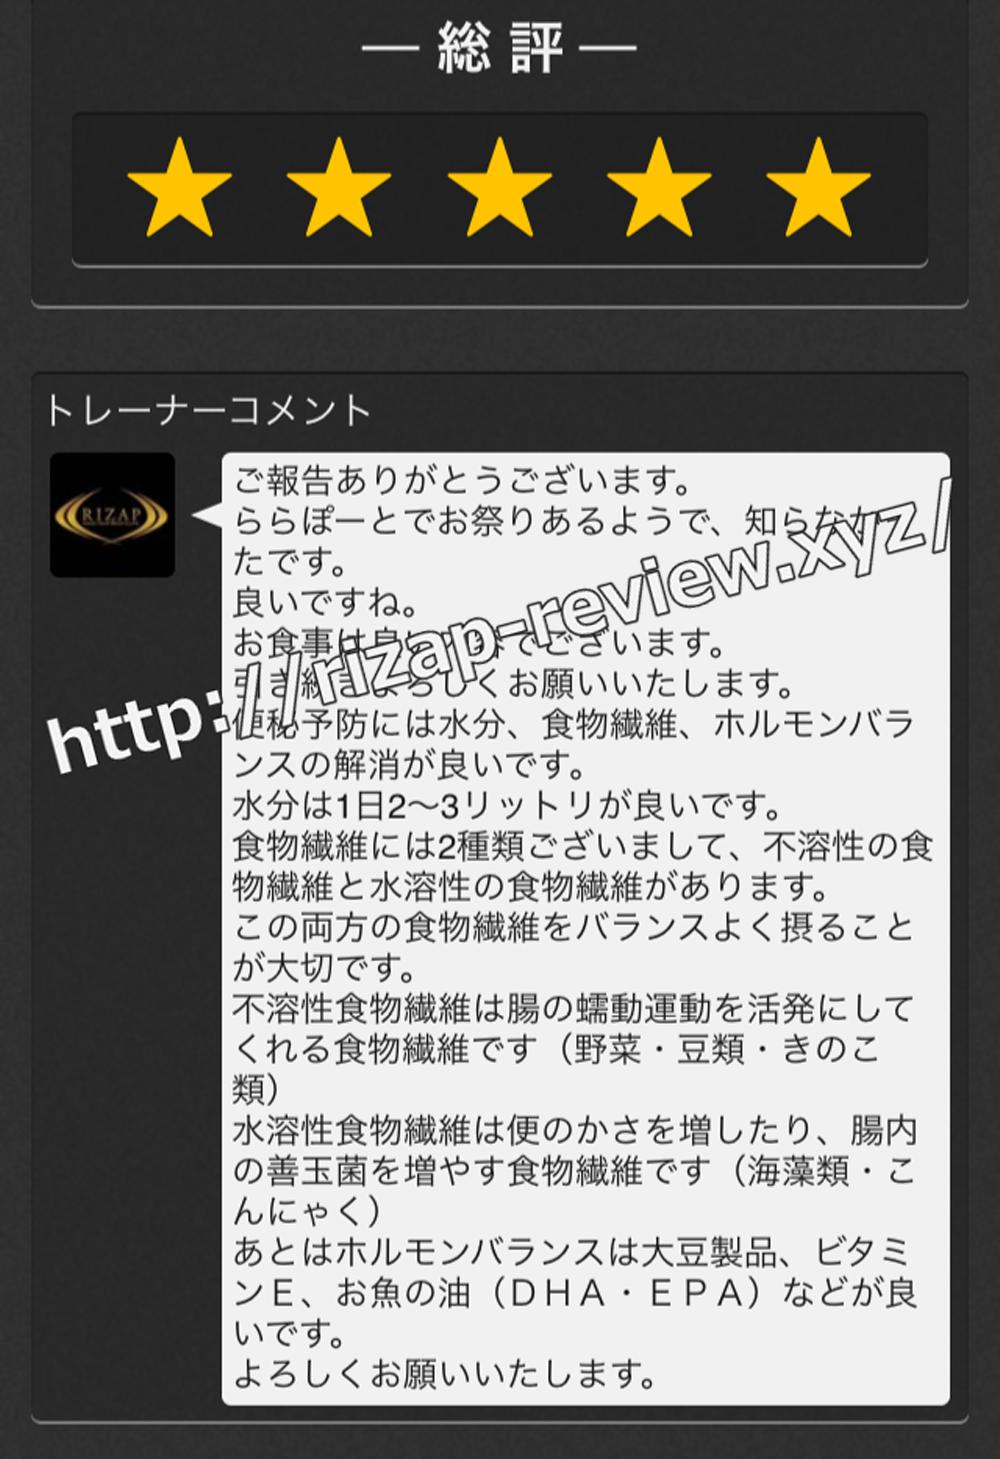 2018.9.8(土)ライザップ担当トレーナーからの総評・コメント